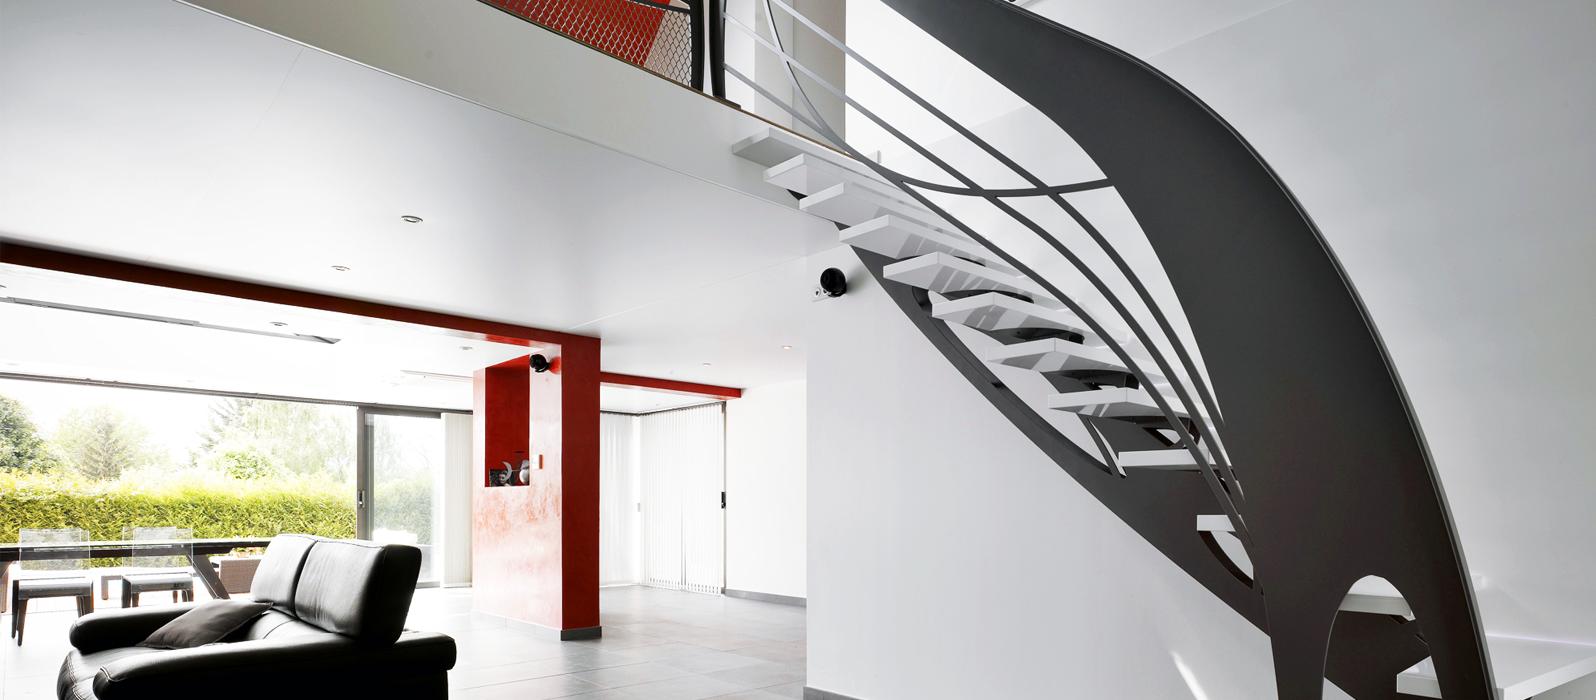 Habiller Un Poteau Interieur design d'intérieur : le garde-corps, la touche design qui